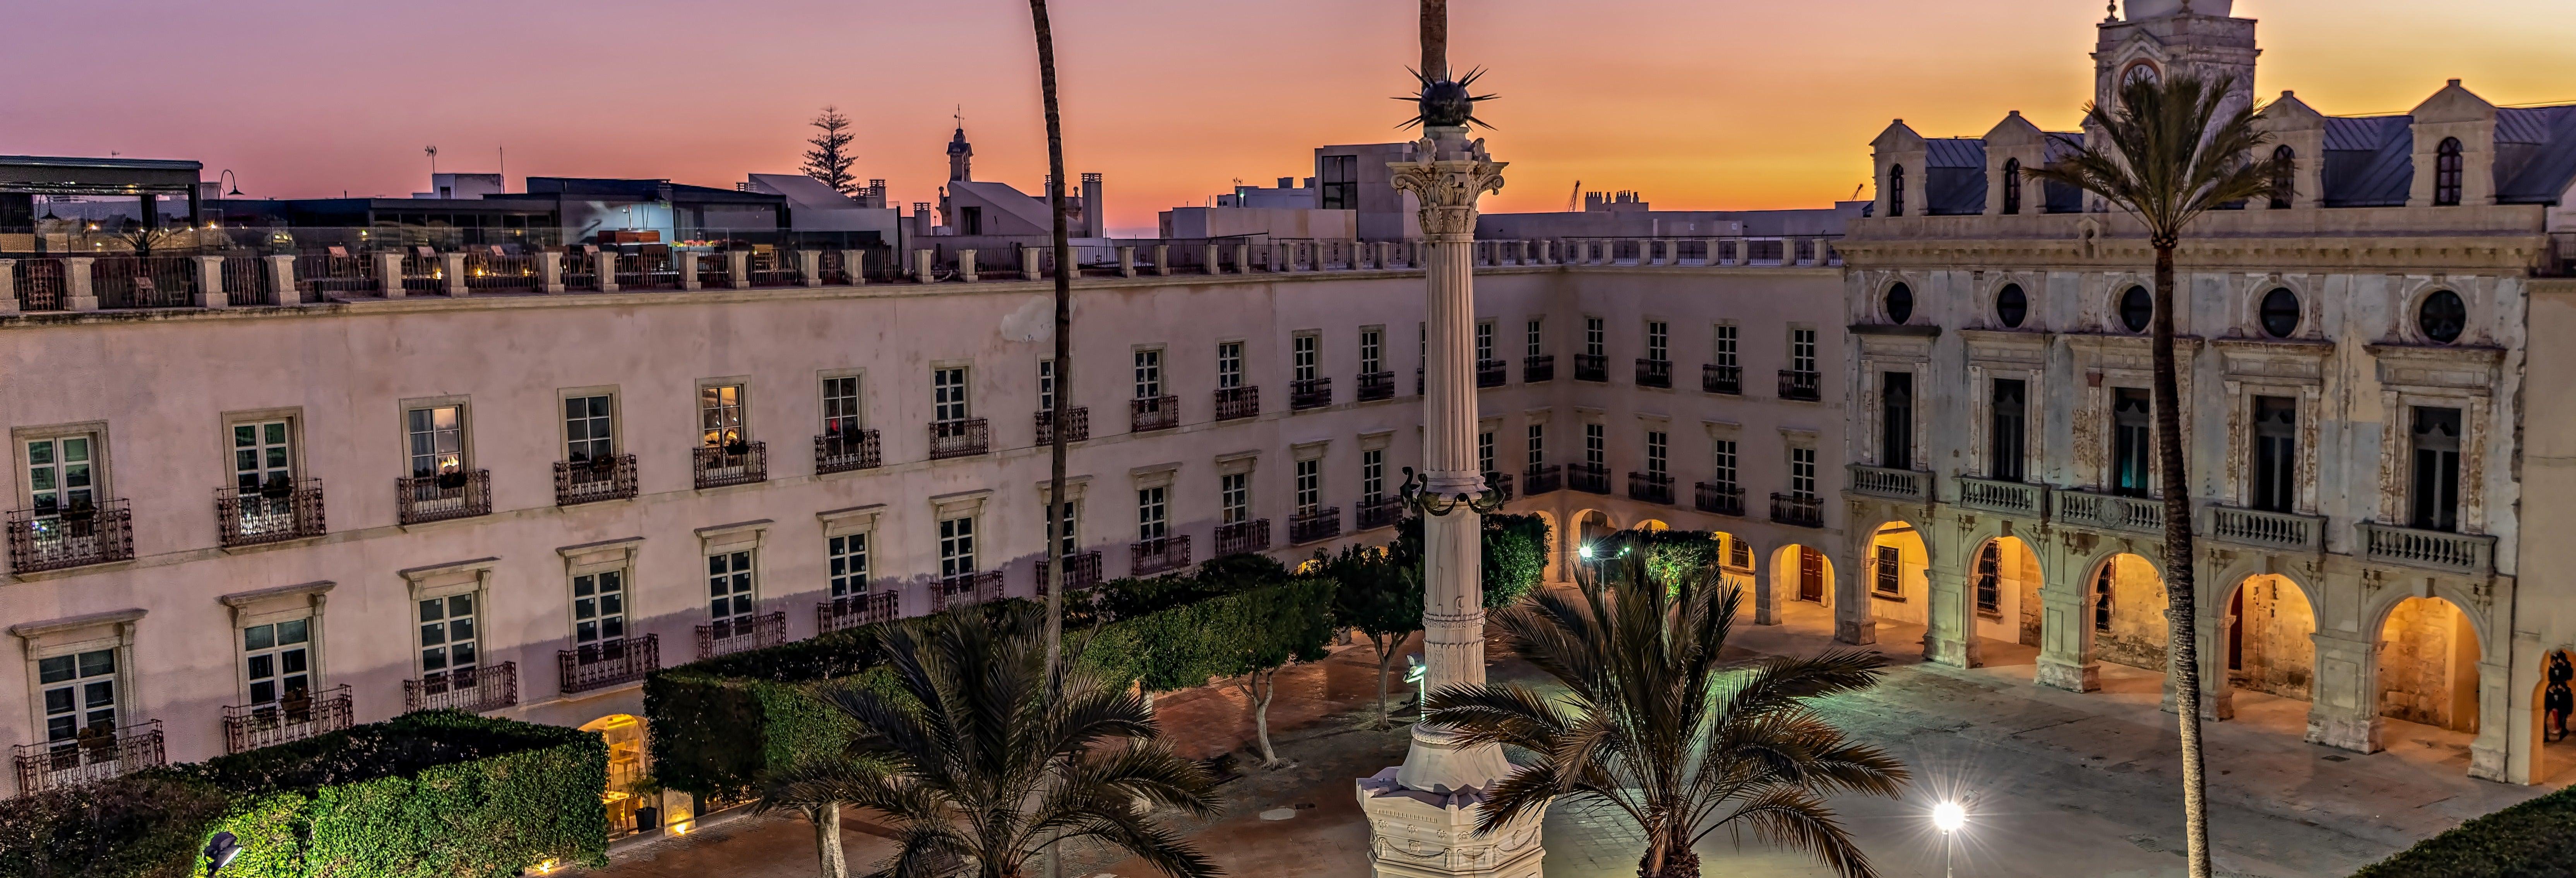 Tour de los misterios y leyendas de Almería